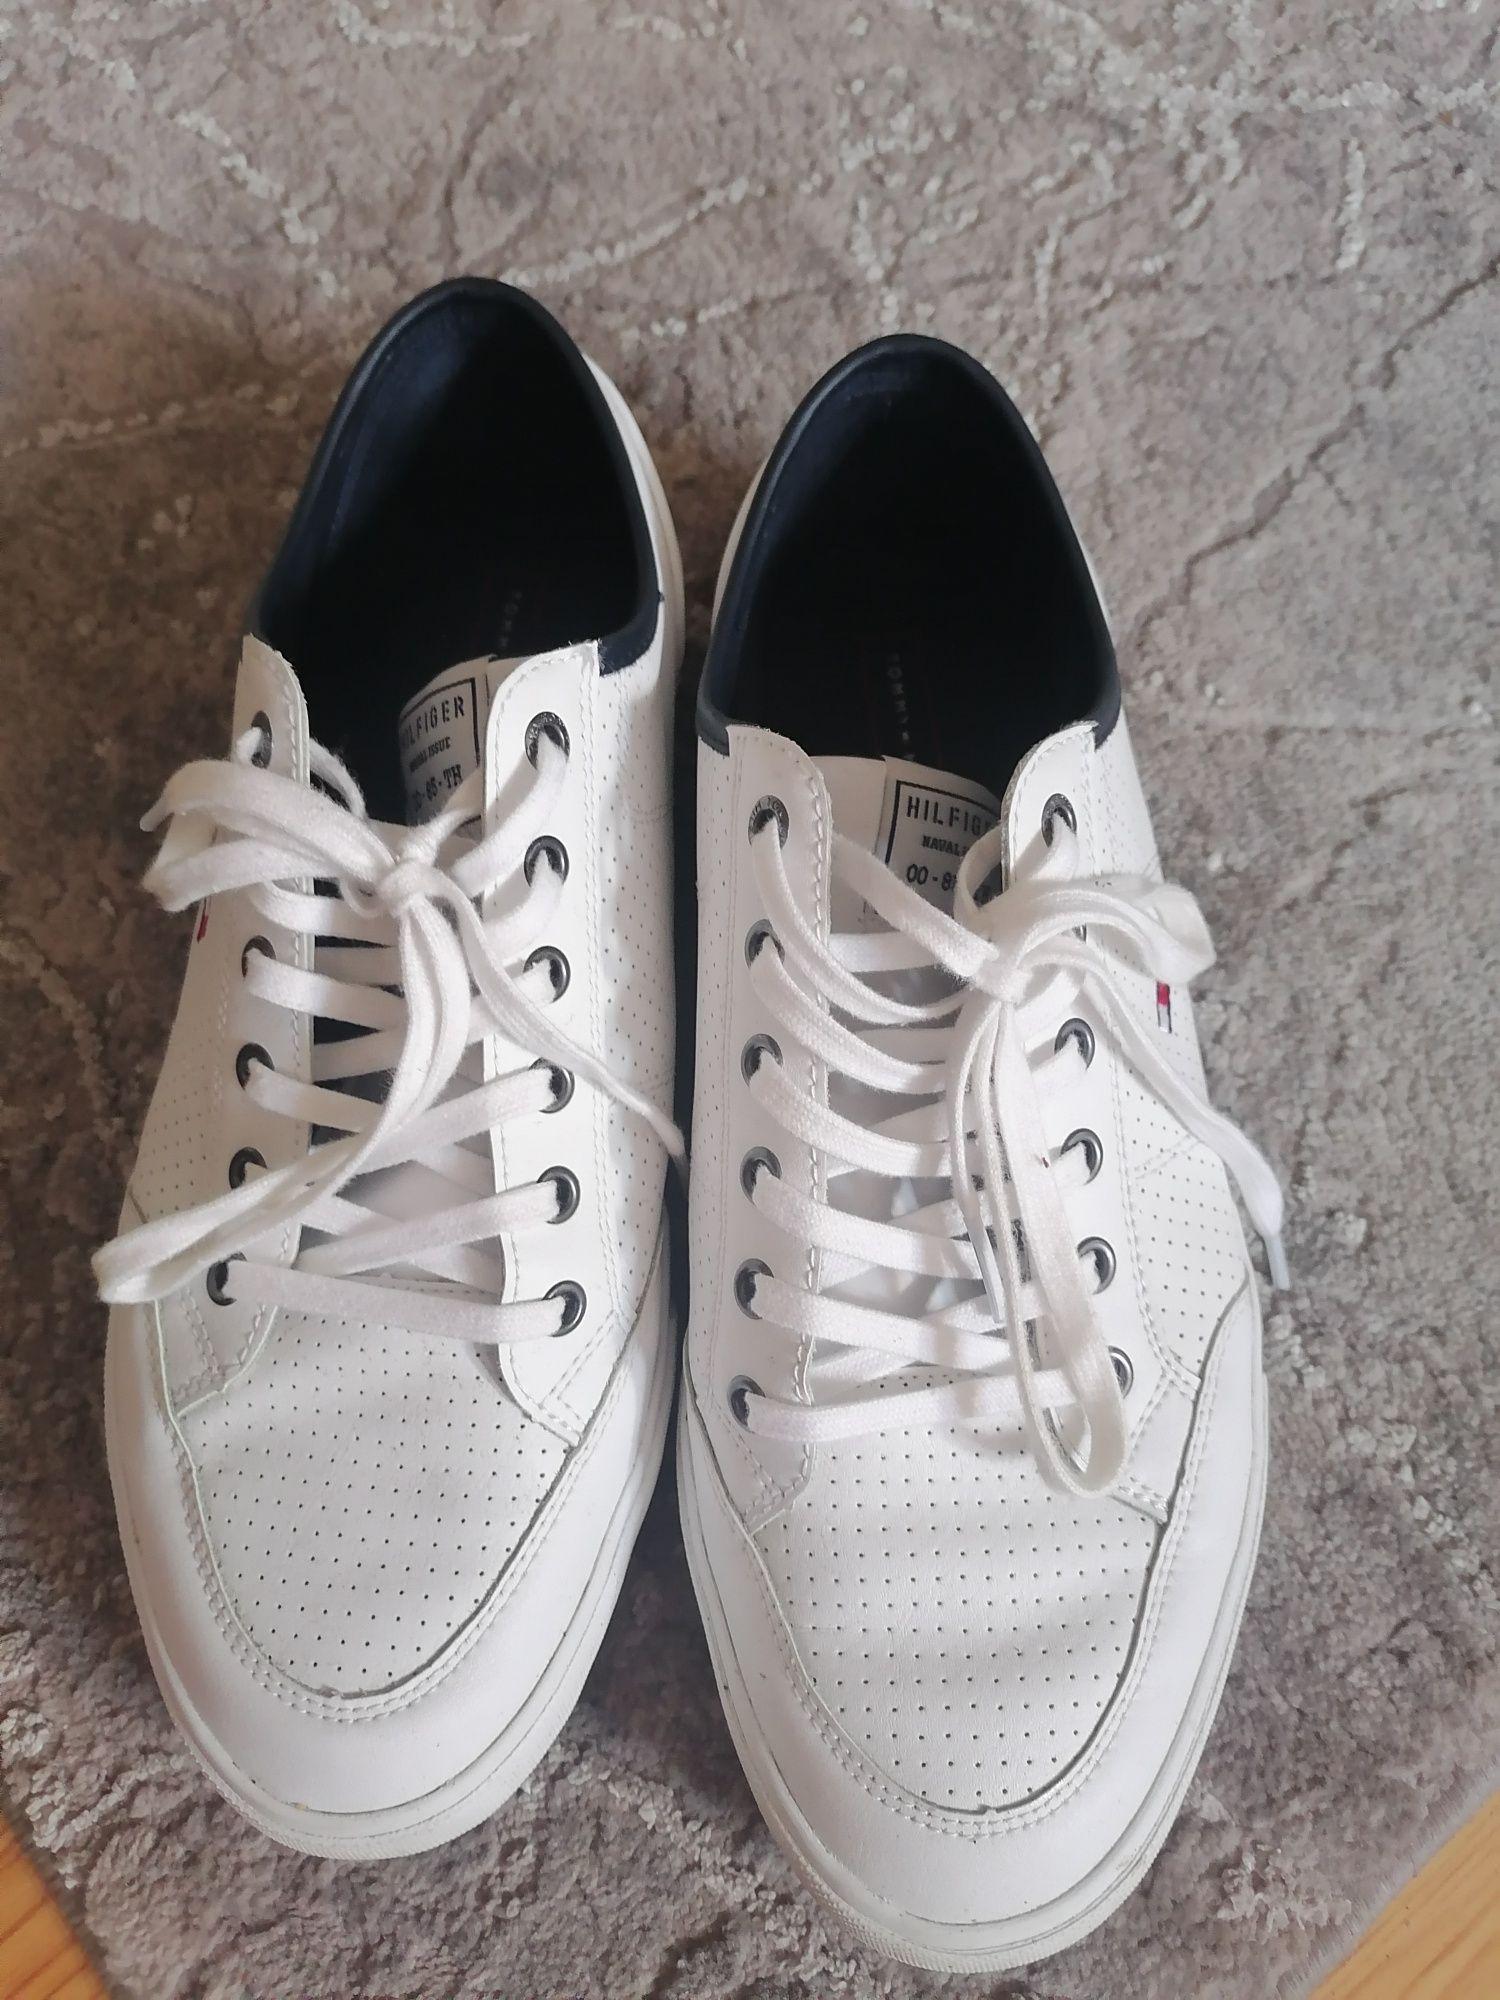 Buty Hilfiger używane